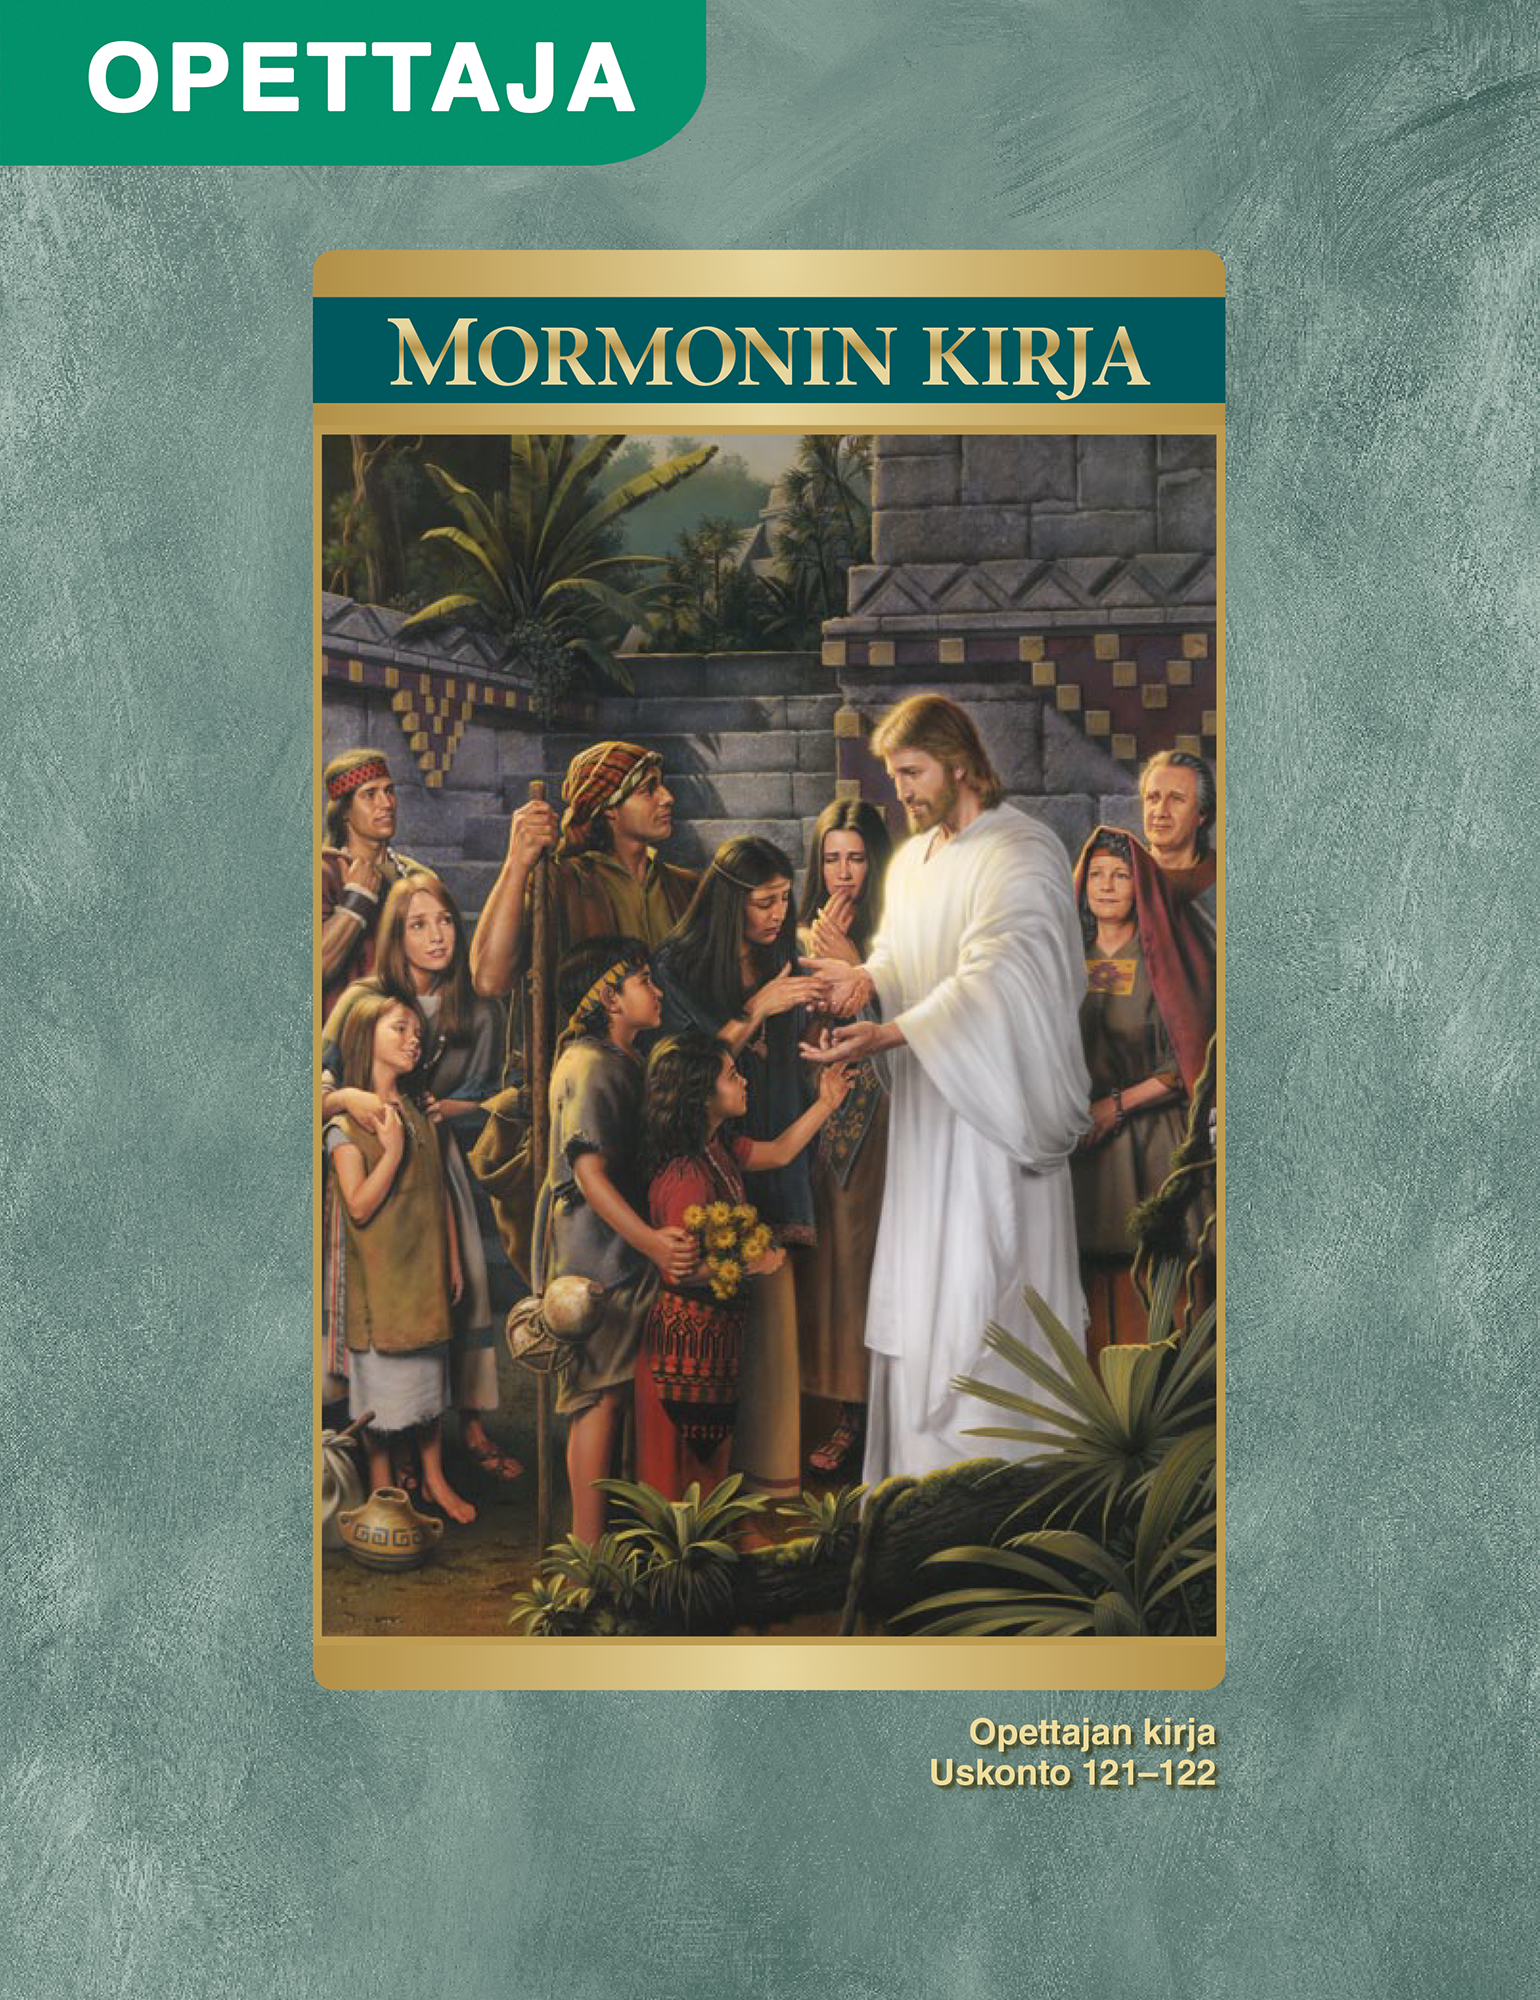 Mormonin kirja, opettajan kirja (Uskonto 121–122)